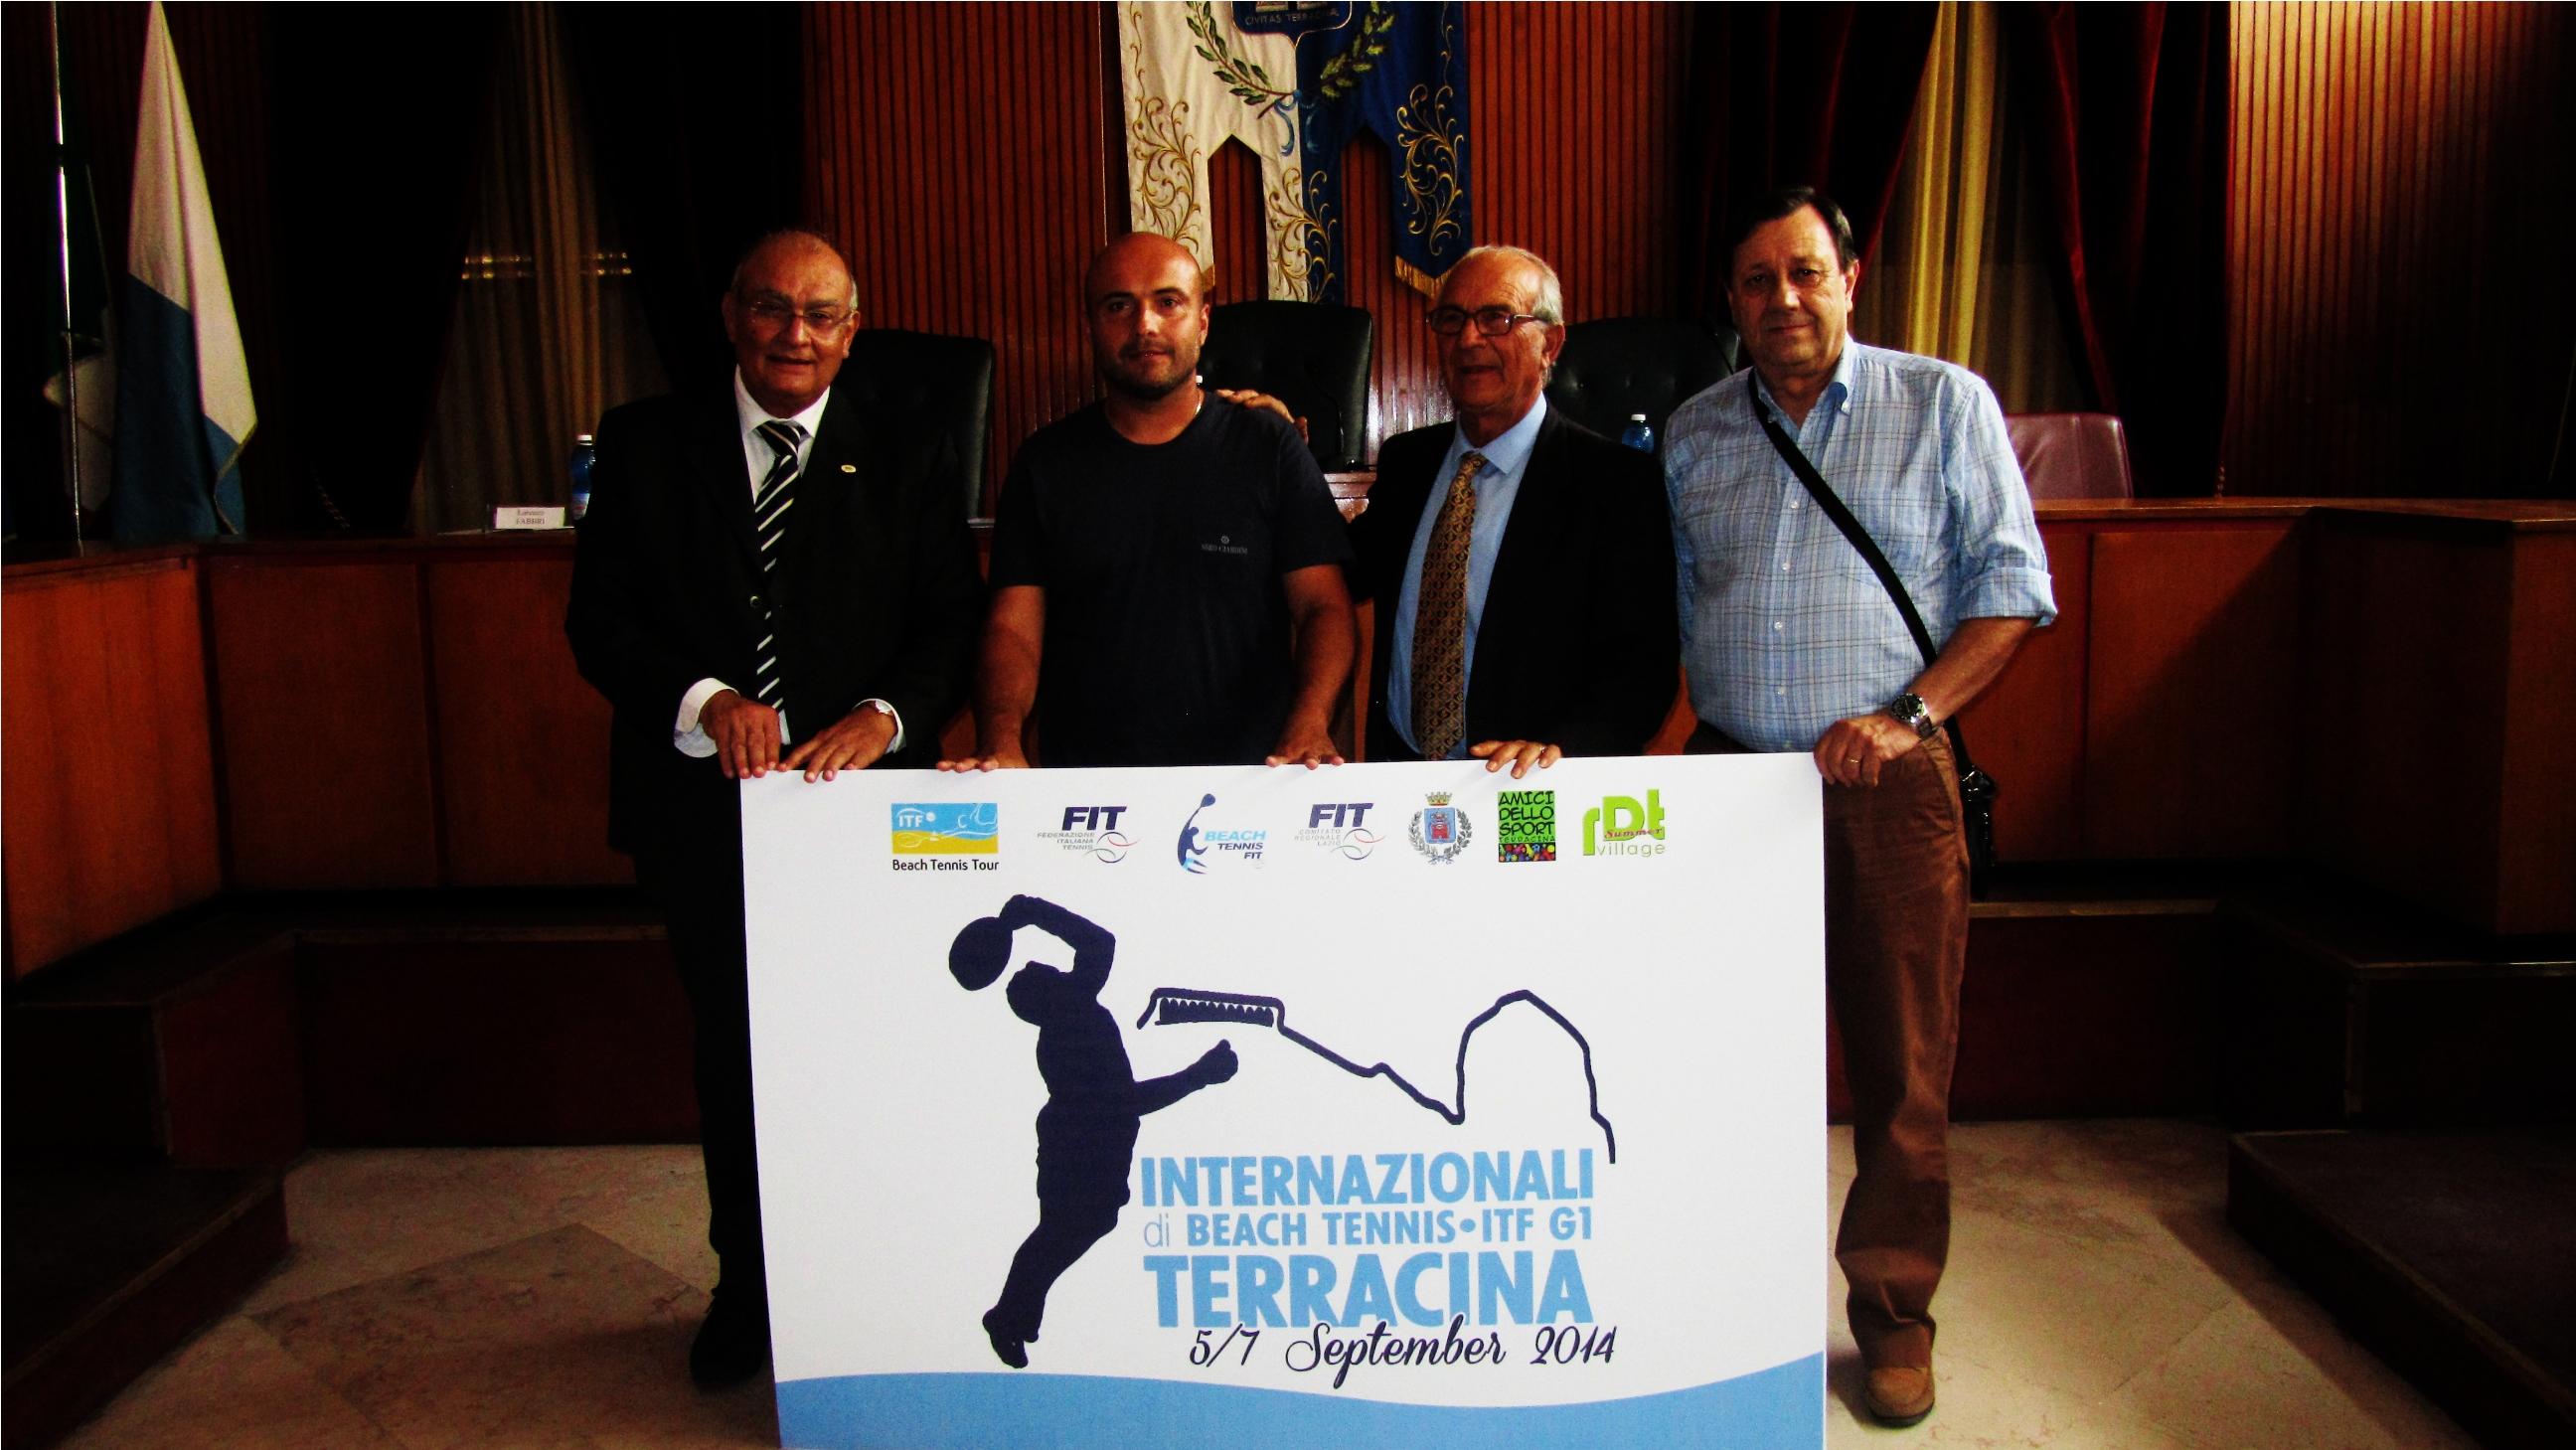 Gli Internazionali di Tennis a Terracina. Anxur Time